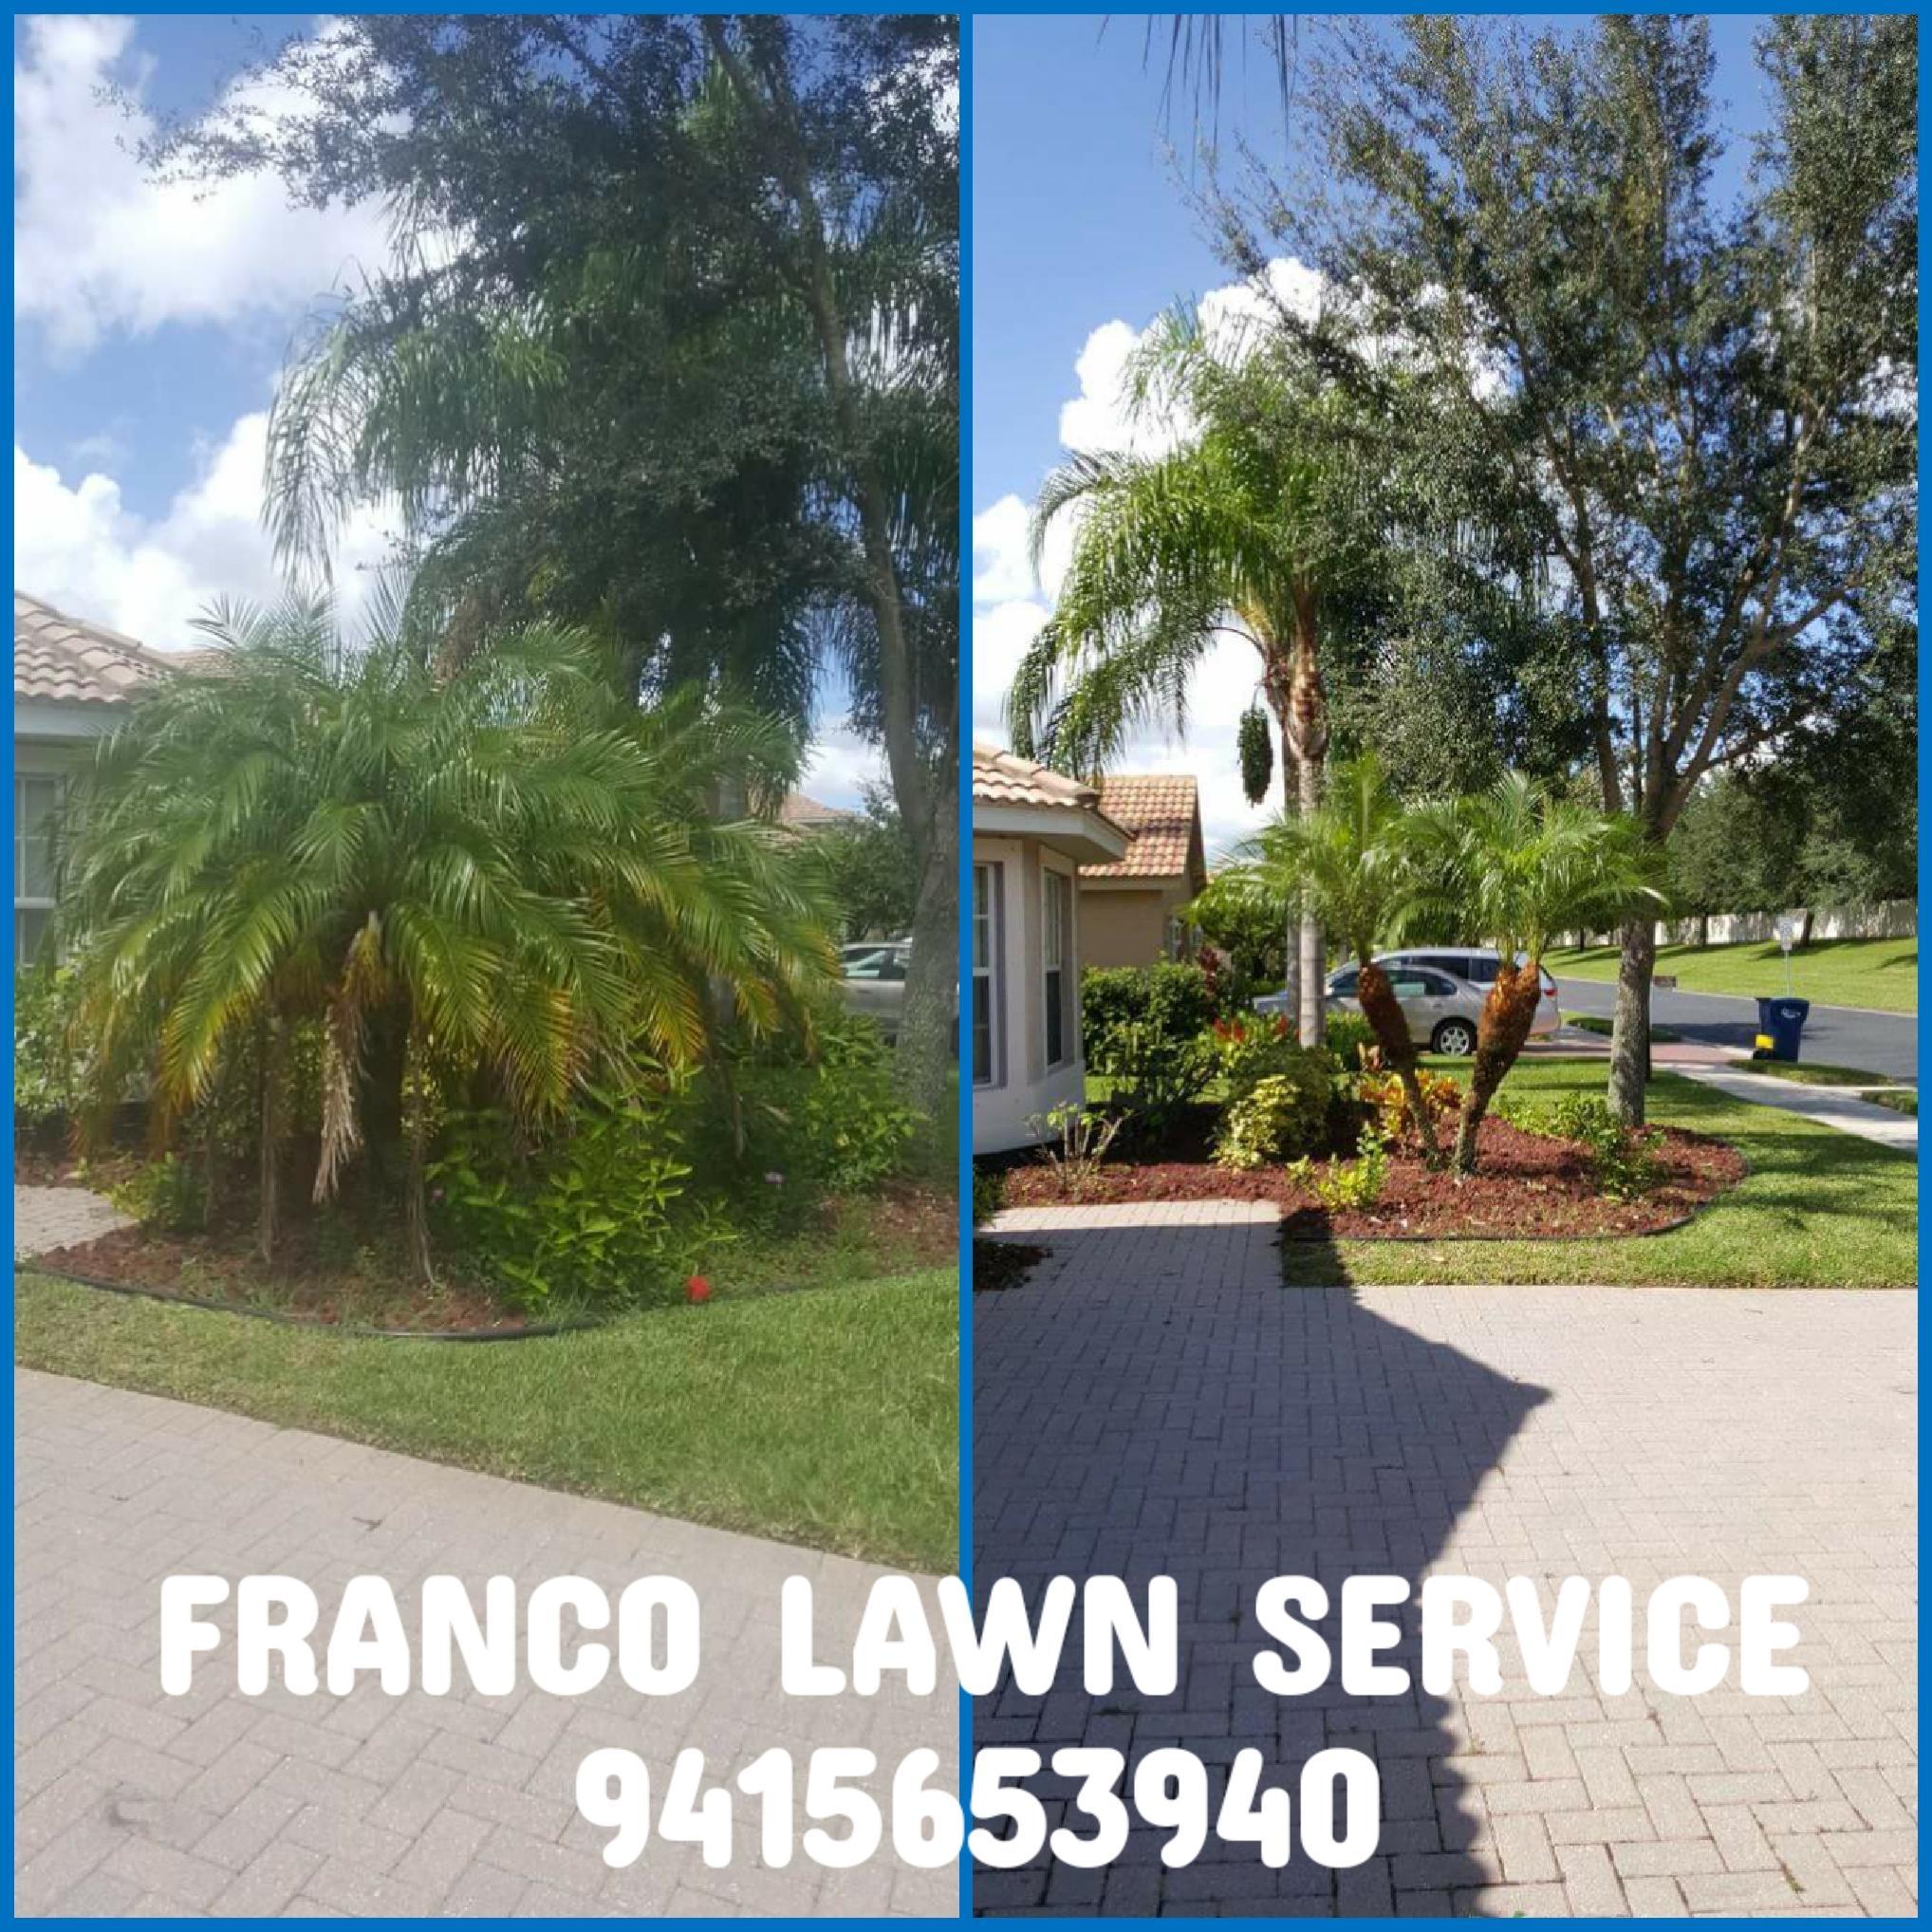 Franco Lawn Service